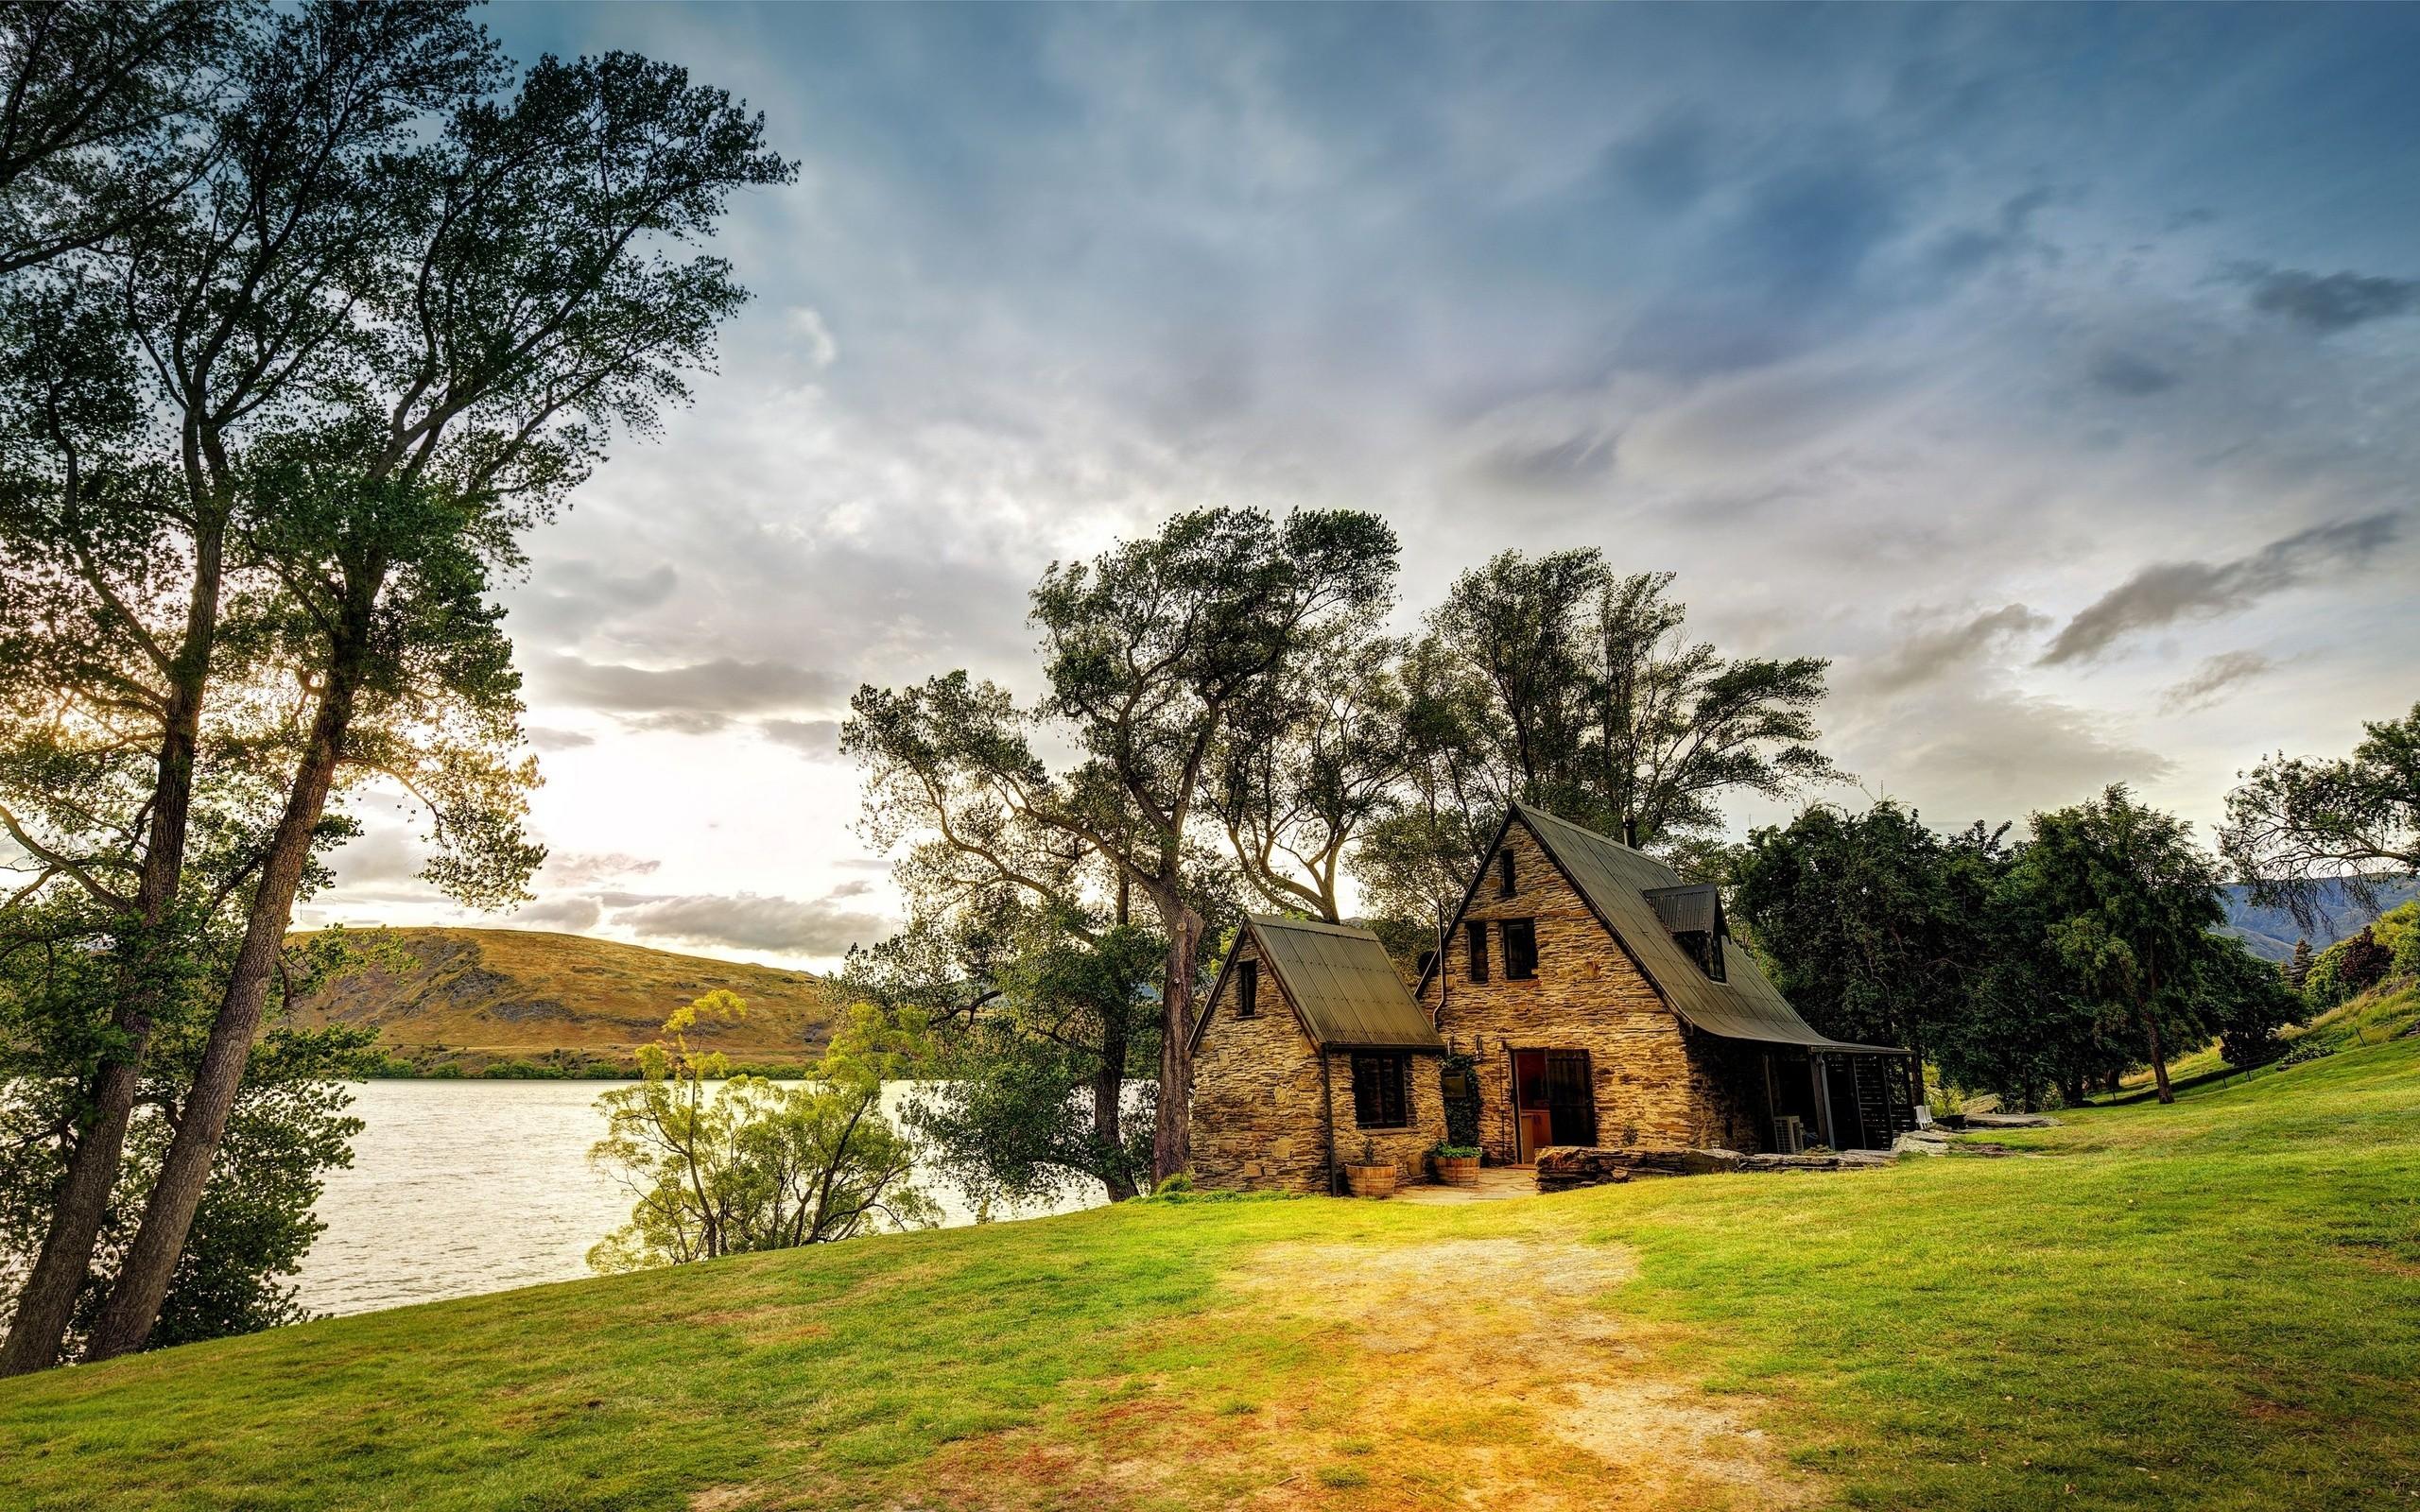 картинки домика в деревне на заднем плане можно жать